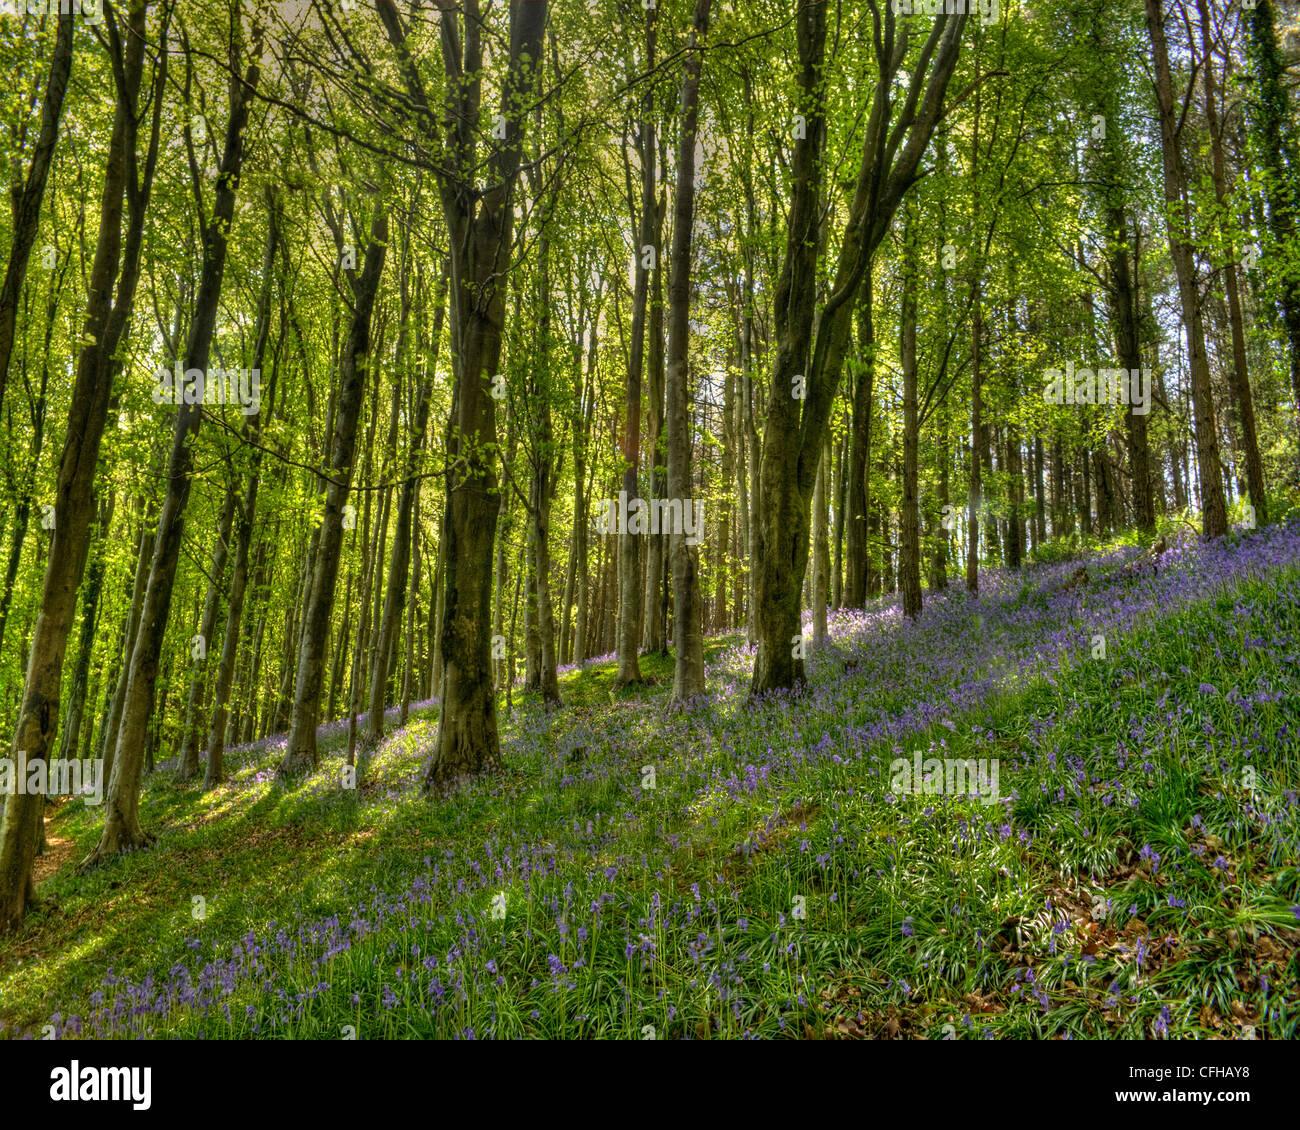 Blue bells in Langdon woods in dorset. - Stock Image